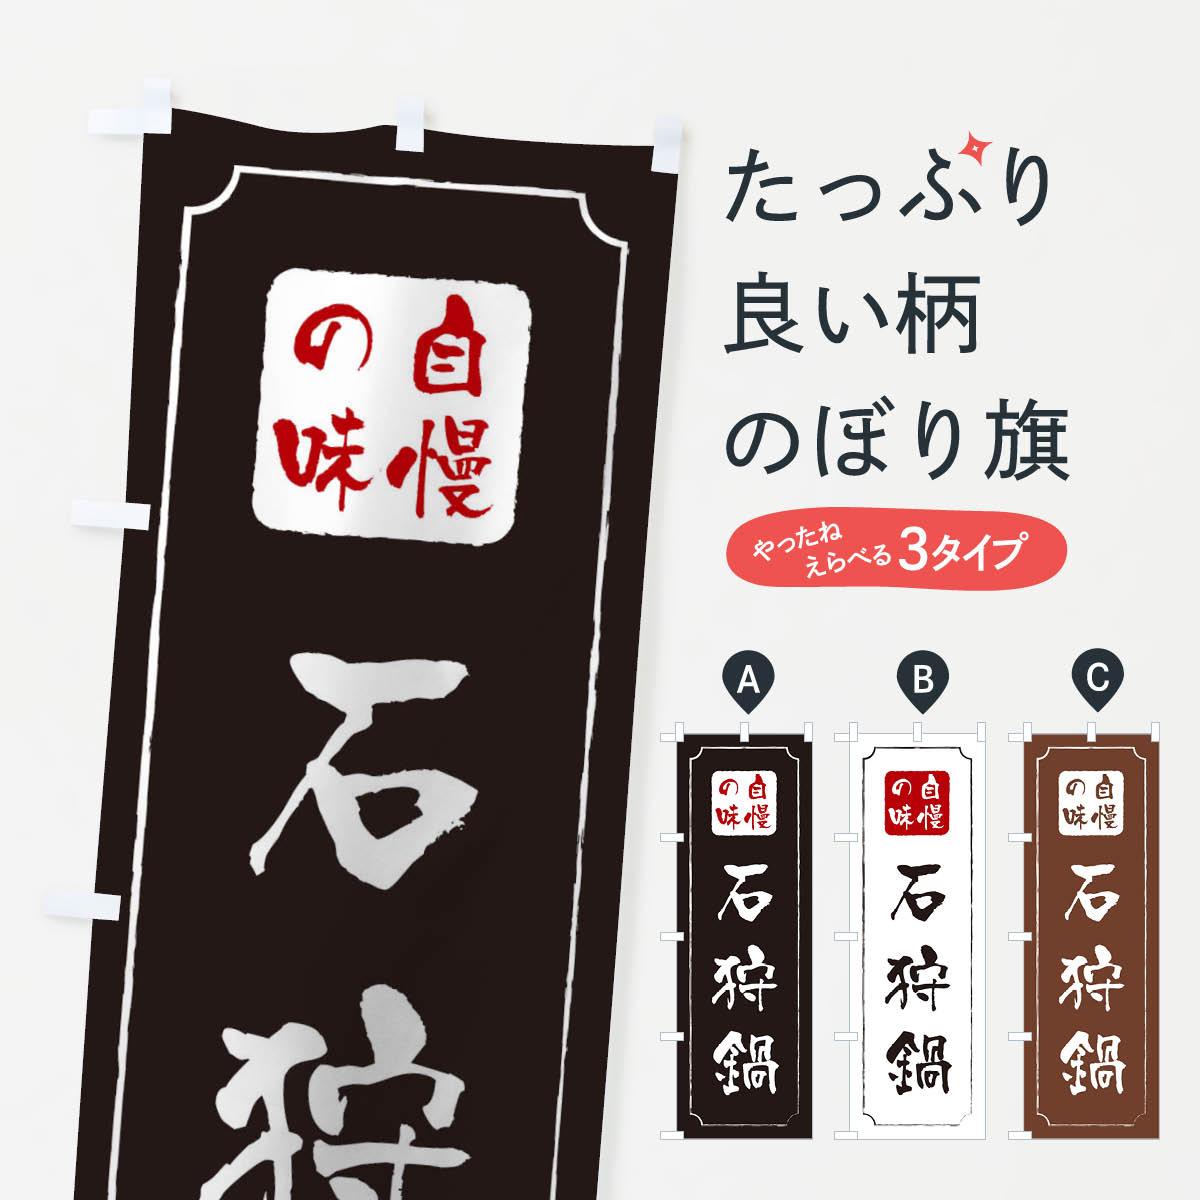 【3980送料無料】 のぼり旗 石狩鍋のぼり 鍋料理